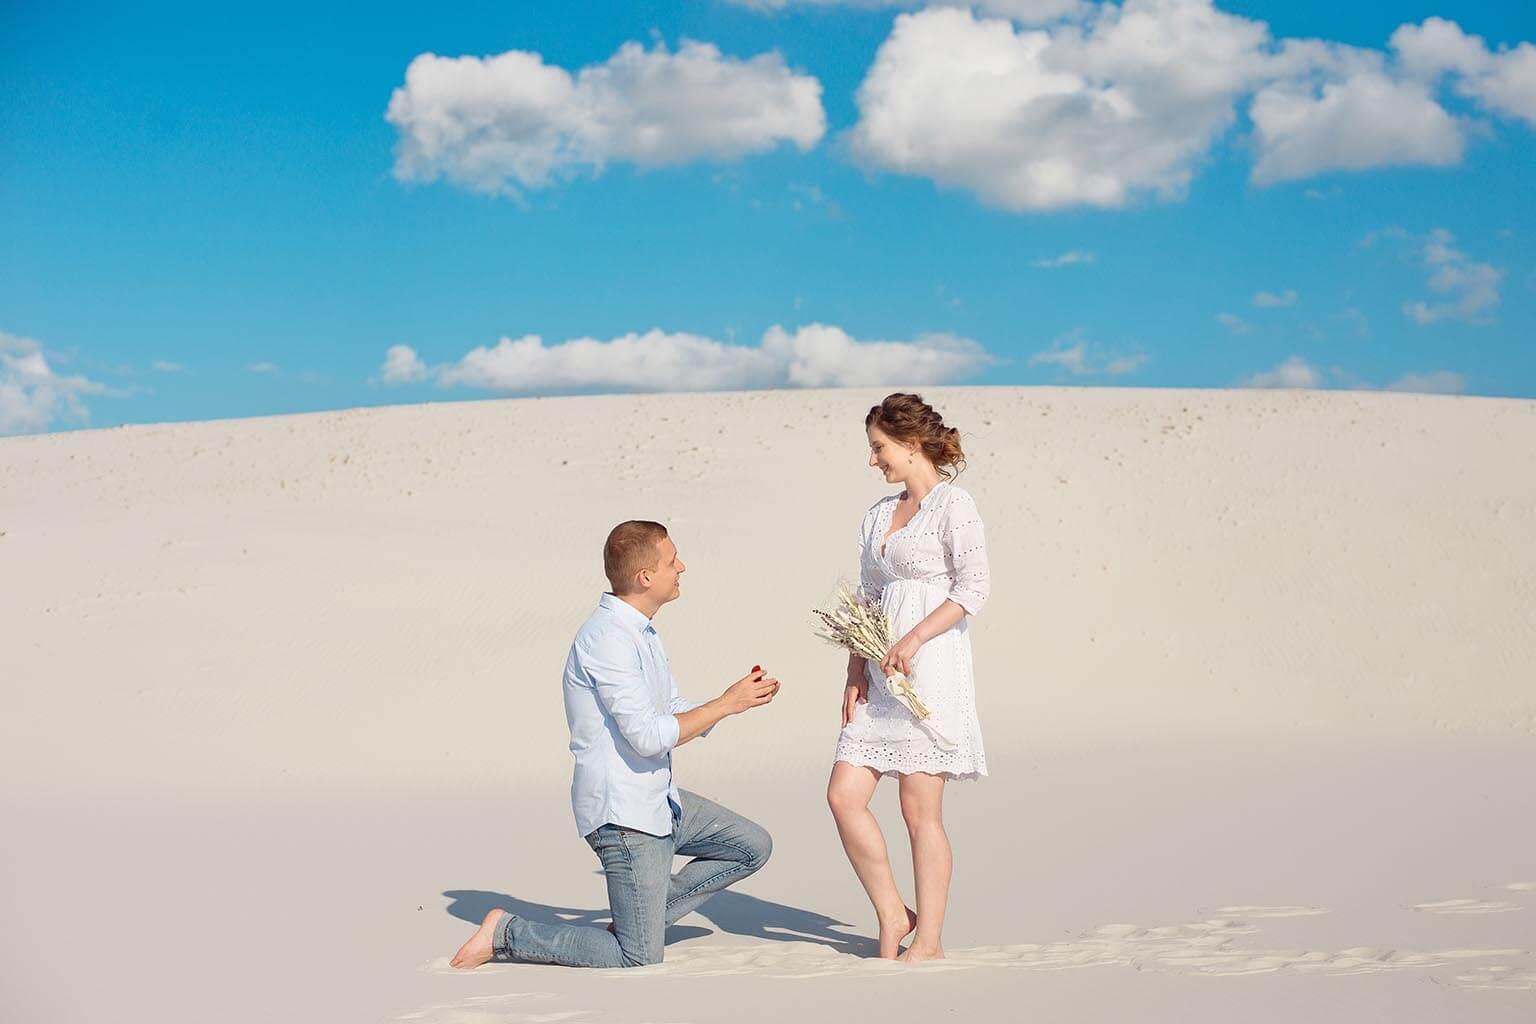 hombre se arrodilla en la arena y sorprende a su pareja, ofreciéndole un anillo de compromiso